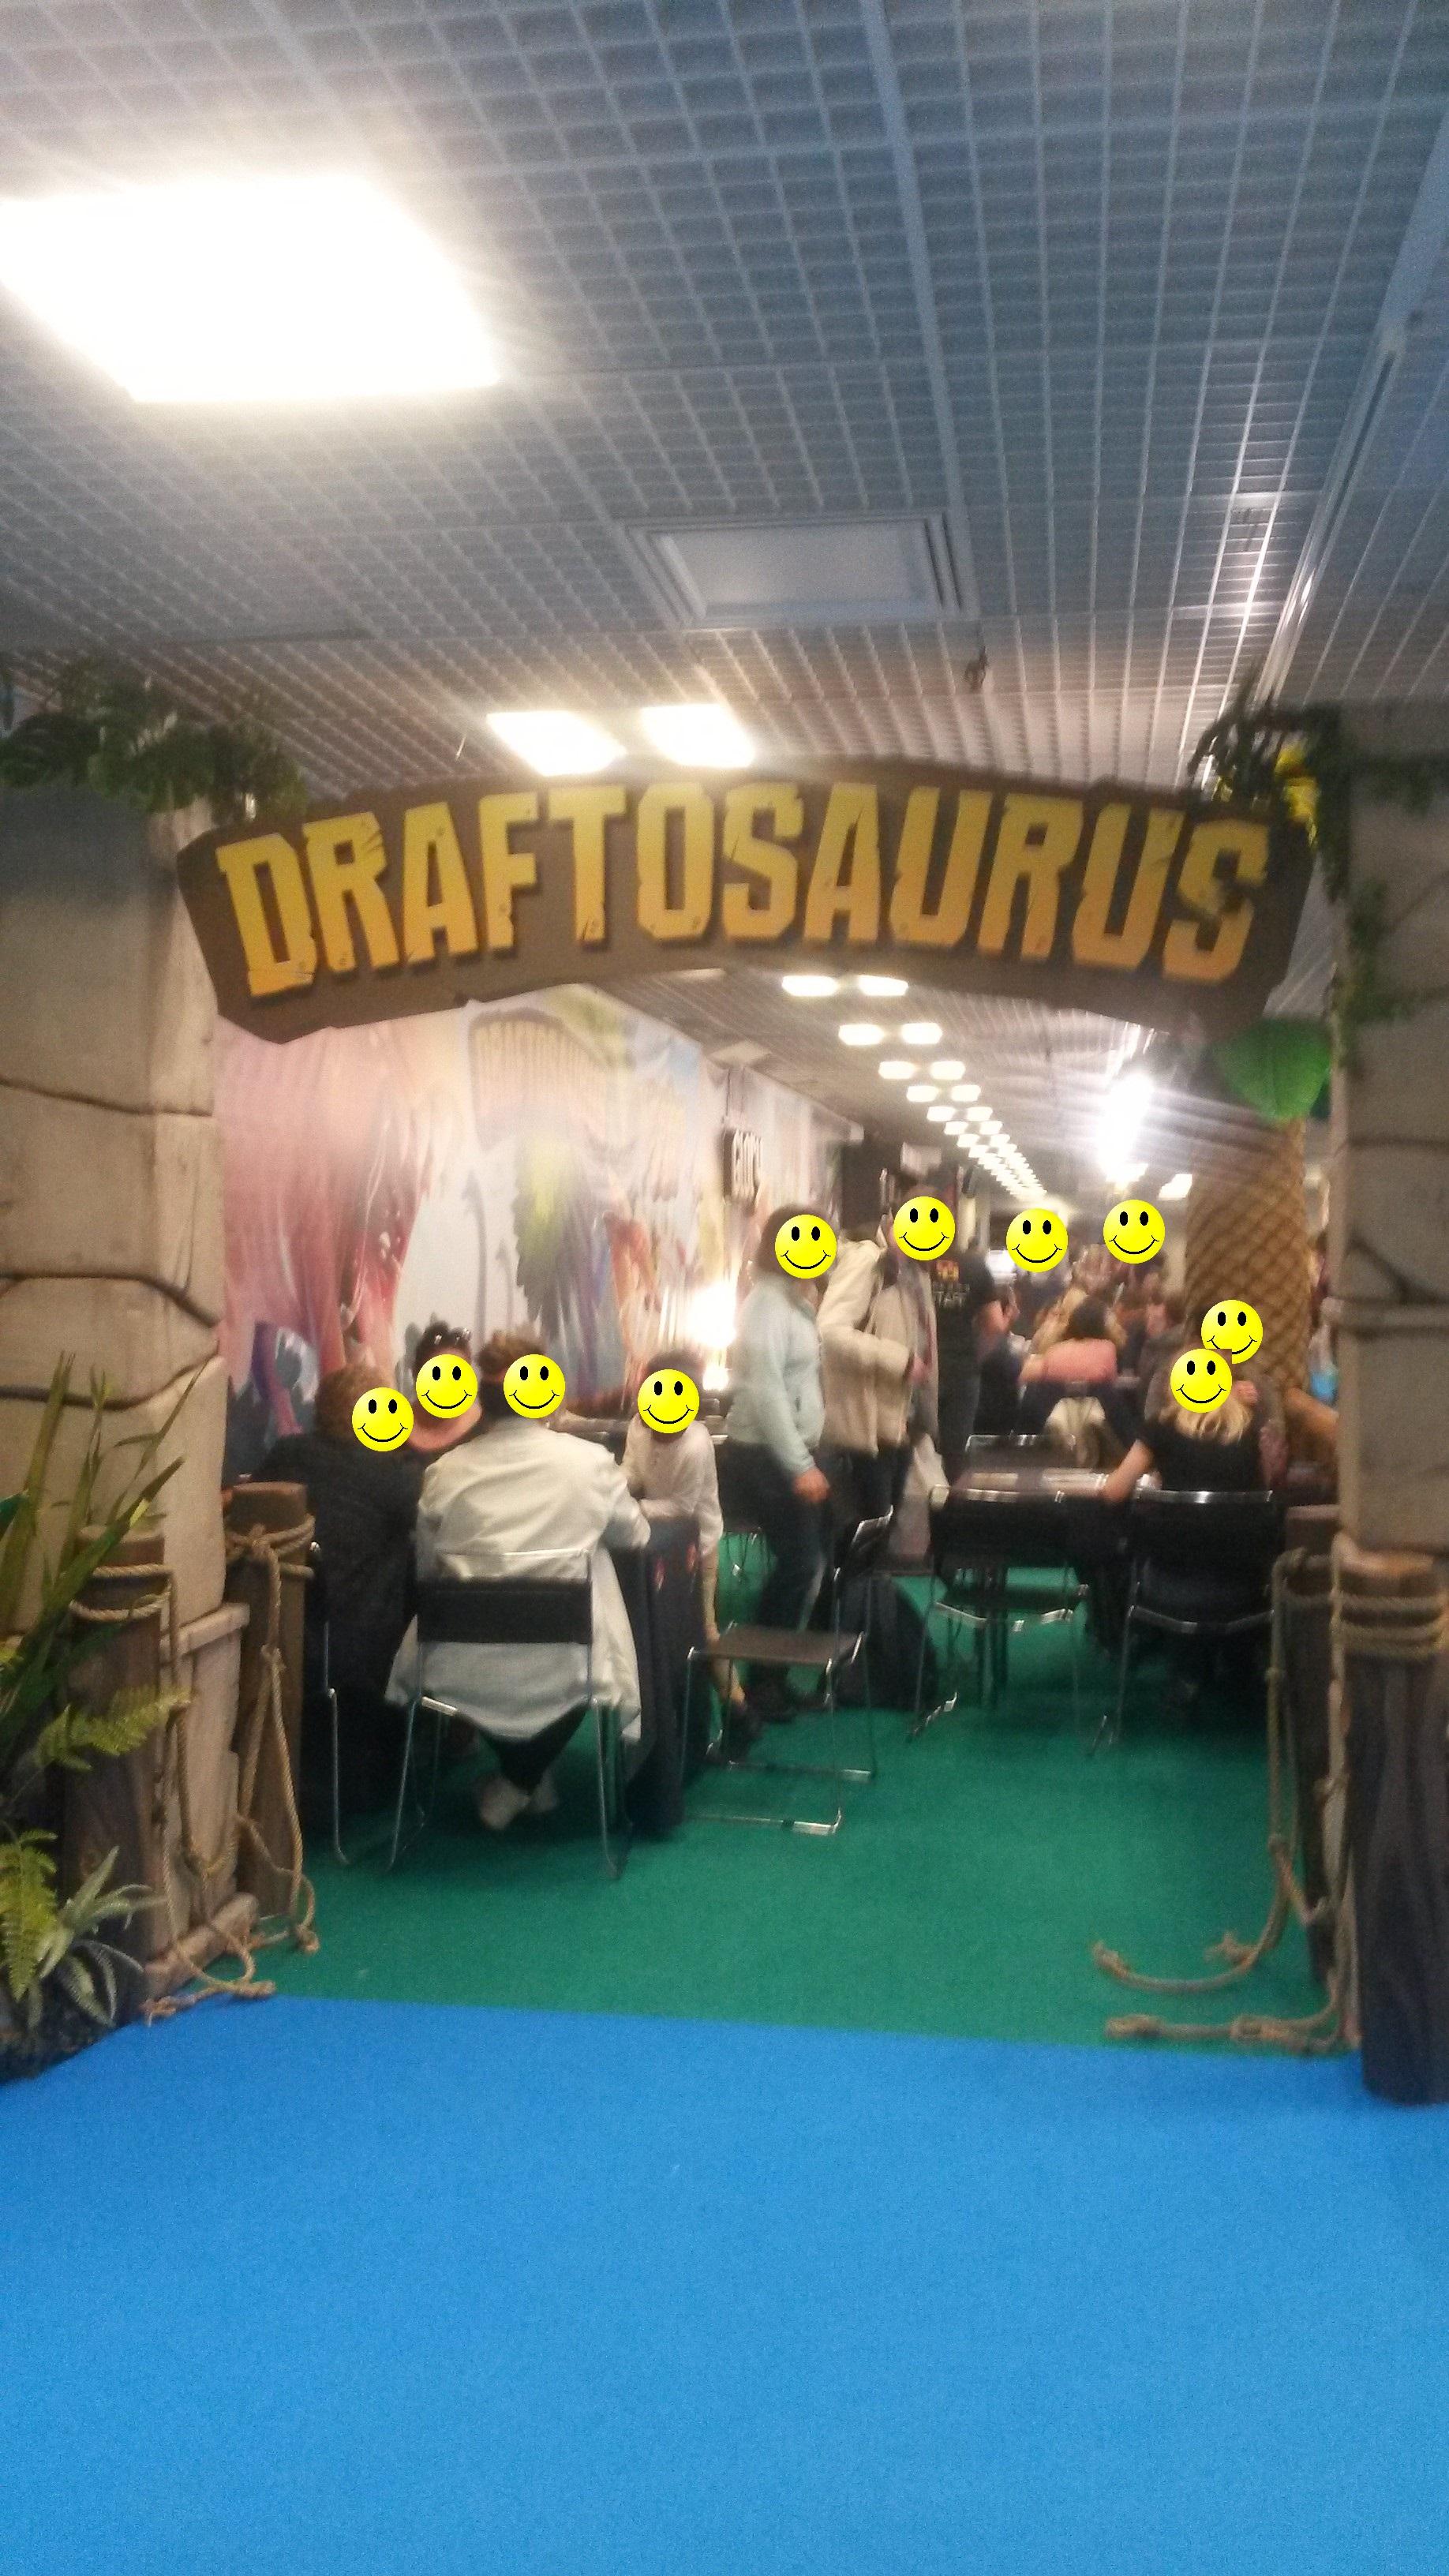 Draftosaurus fait le plein aussi